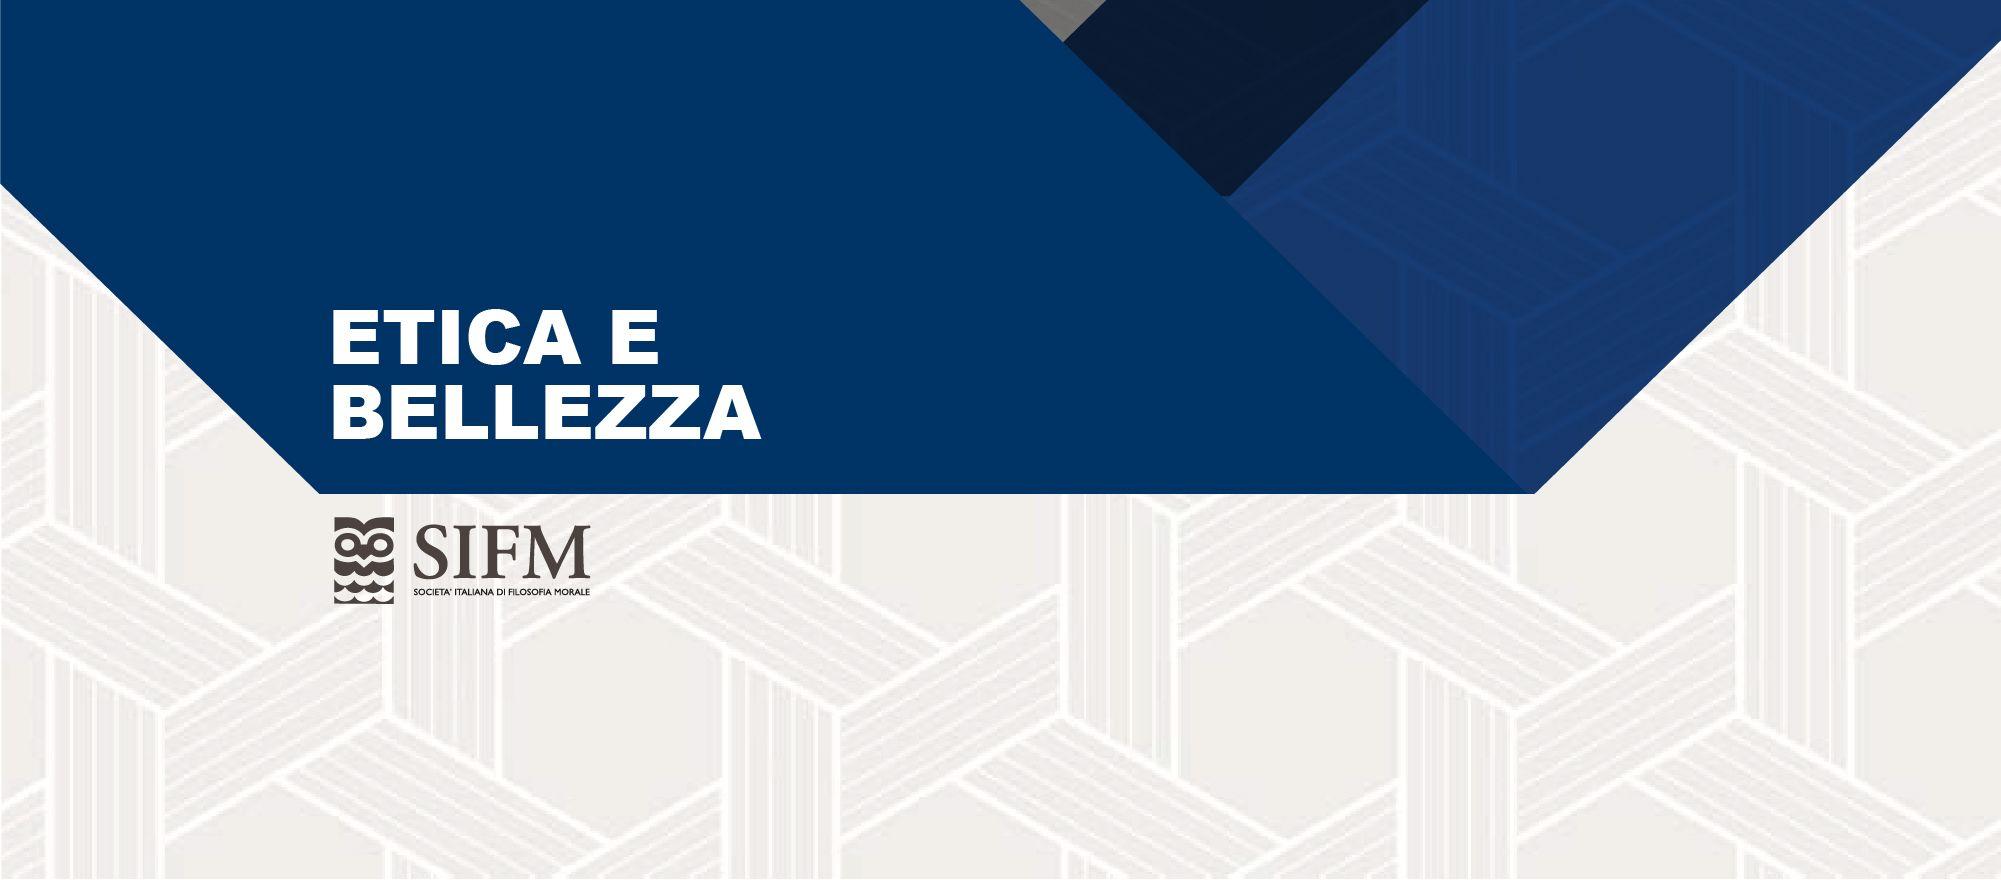 Etica e bellezza: il convegno dei filosofi italiani ed europei all'Università Roma Tre